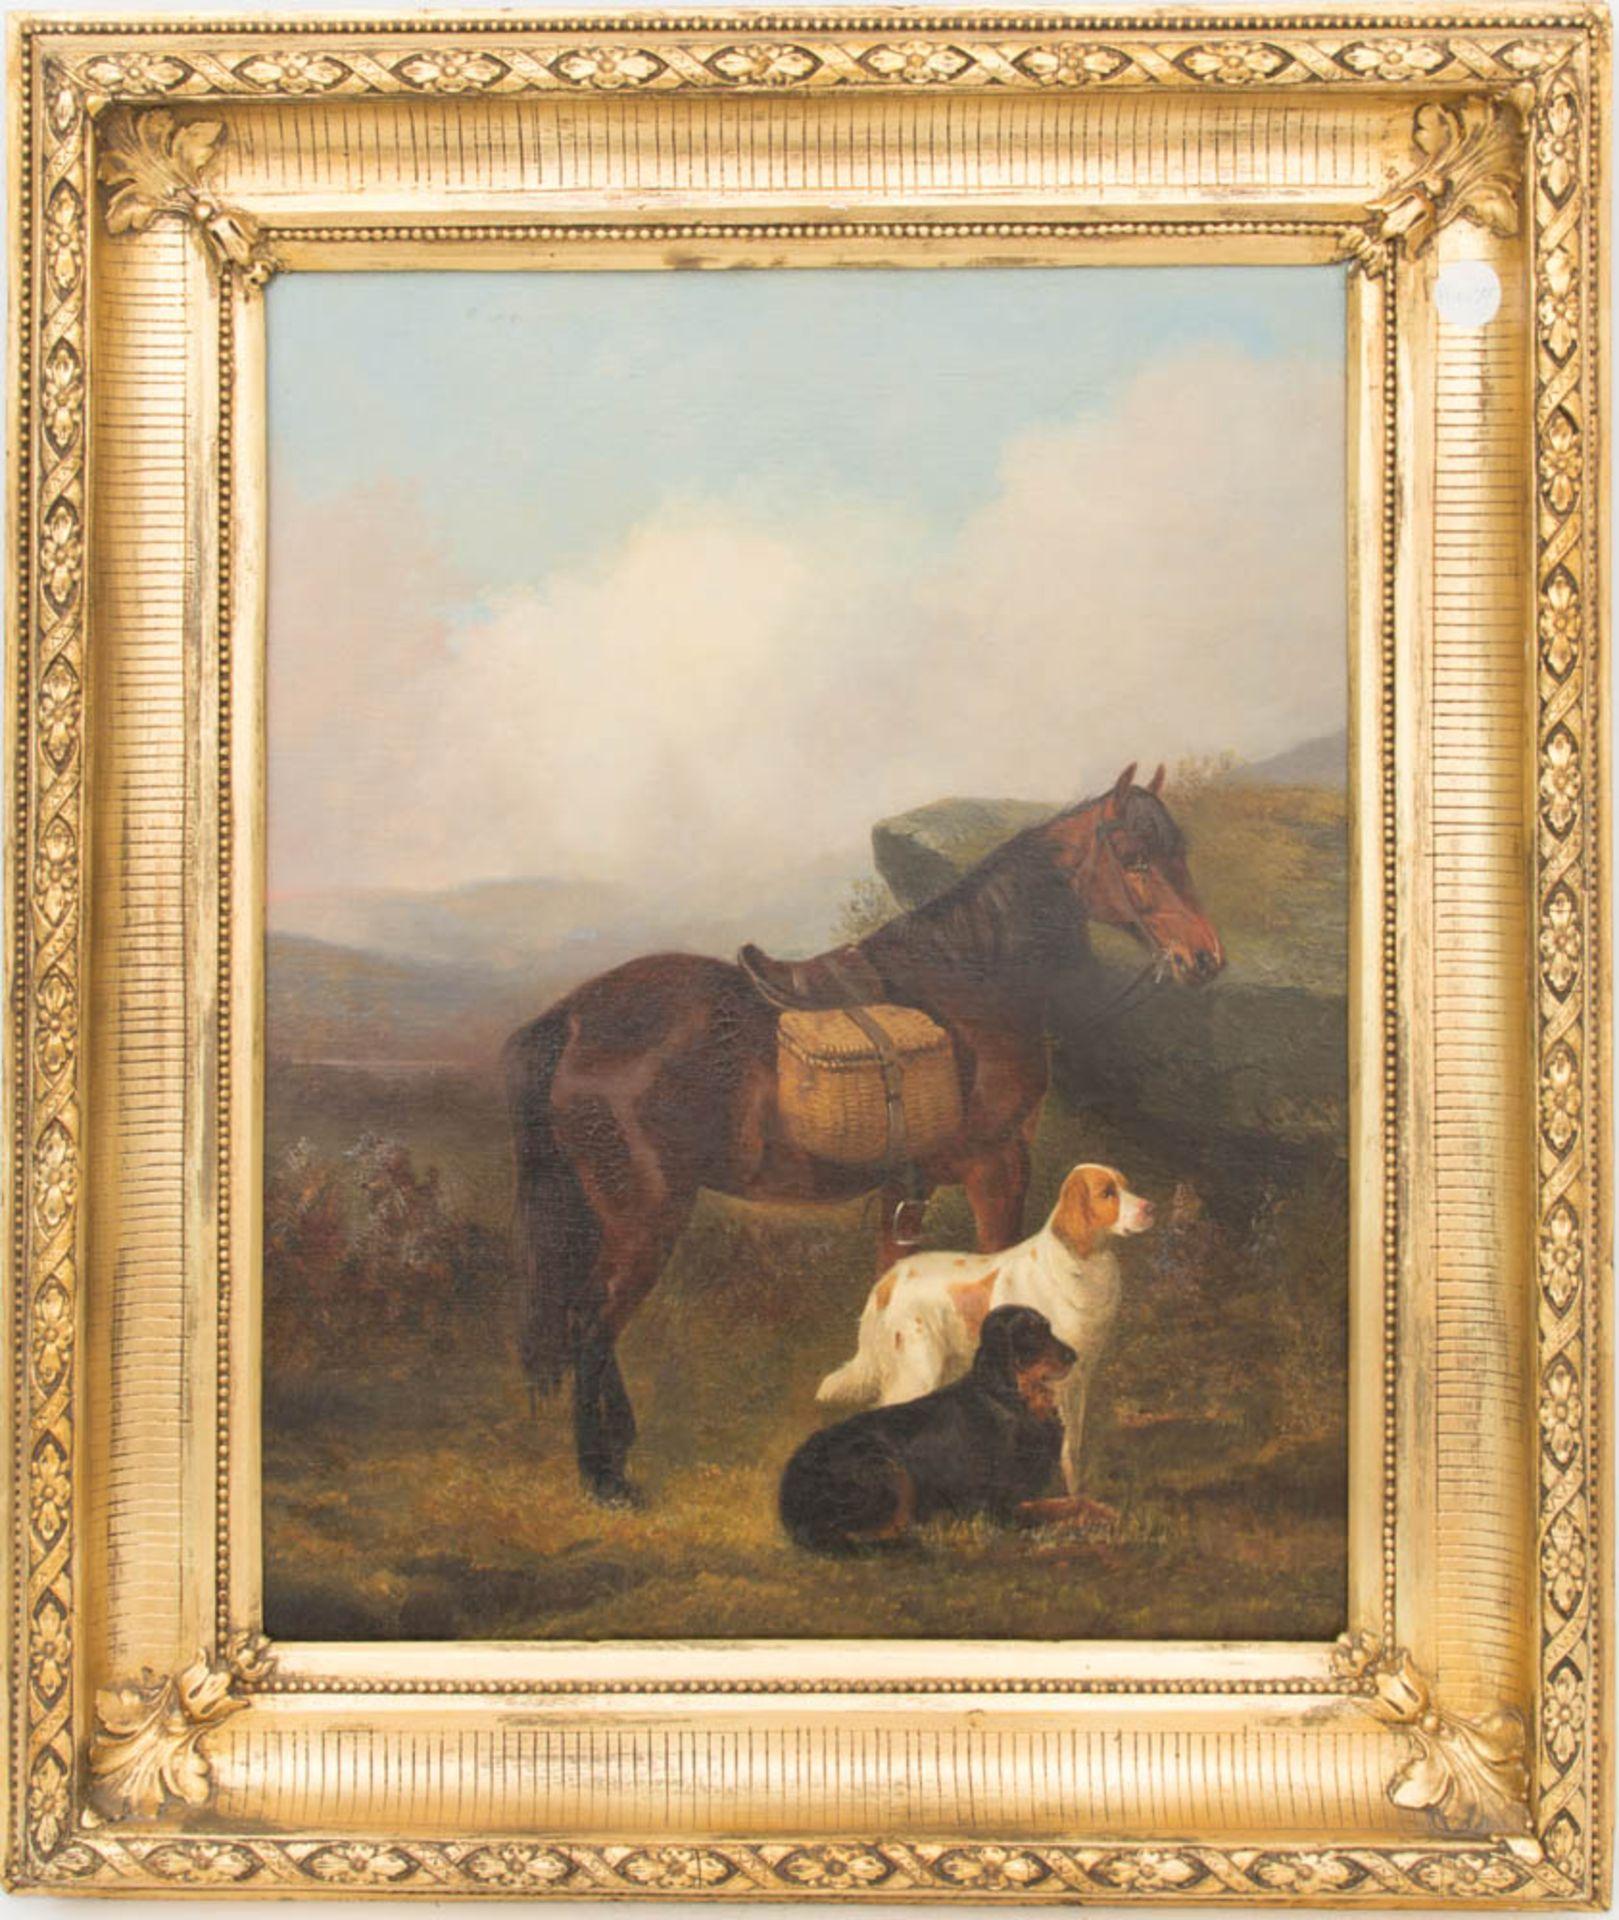 Colin Graeme, Hunde und Pferd in schottischer Landschaft, Öl auf Leinwand, 19. Jh.Unt